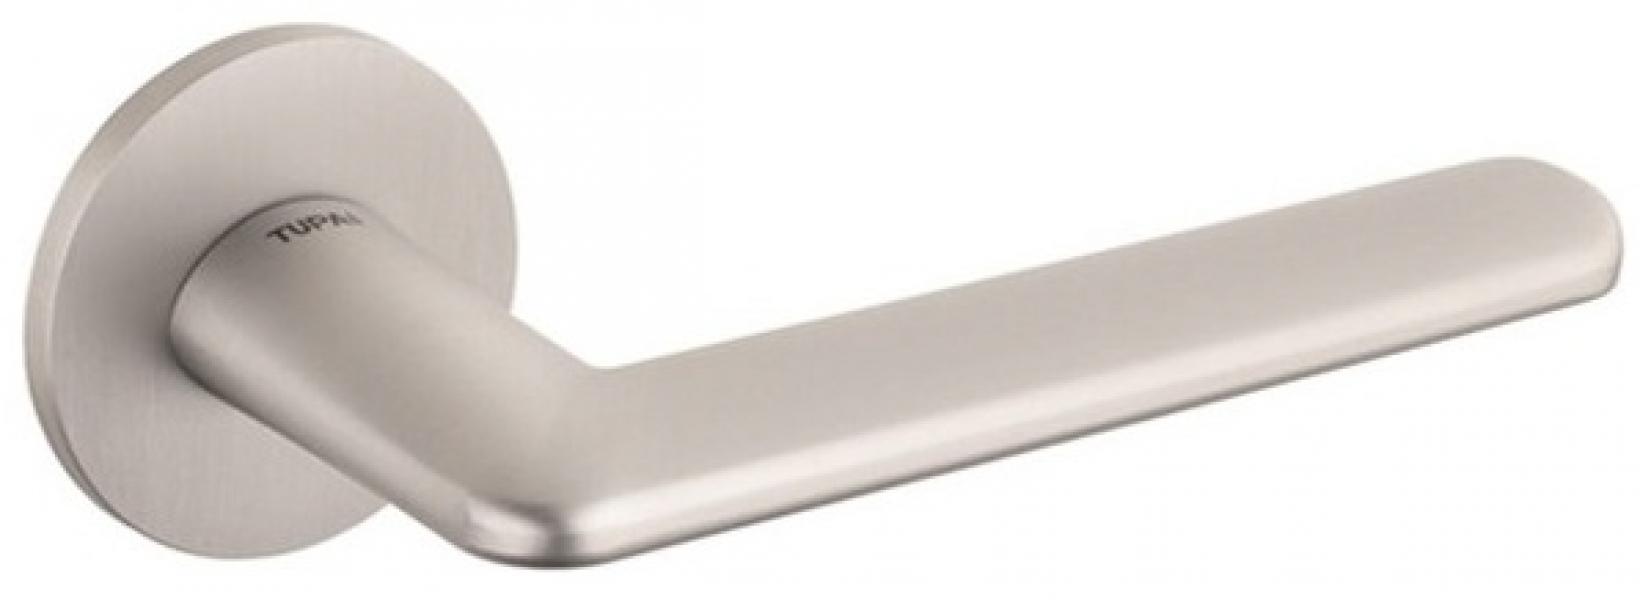 Ручки дверные Eliptica 3098 5S матовый никель